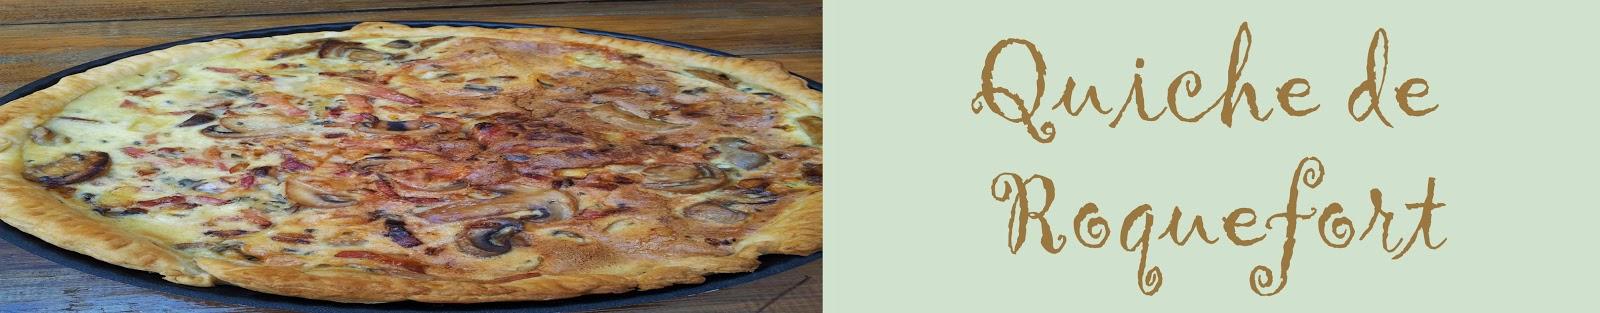 http://deliciaskawaii.blogspot.com.es/2015/01/quiche-de-roquefort.html